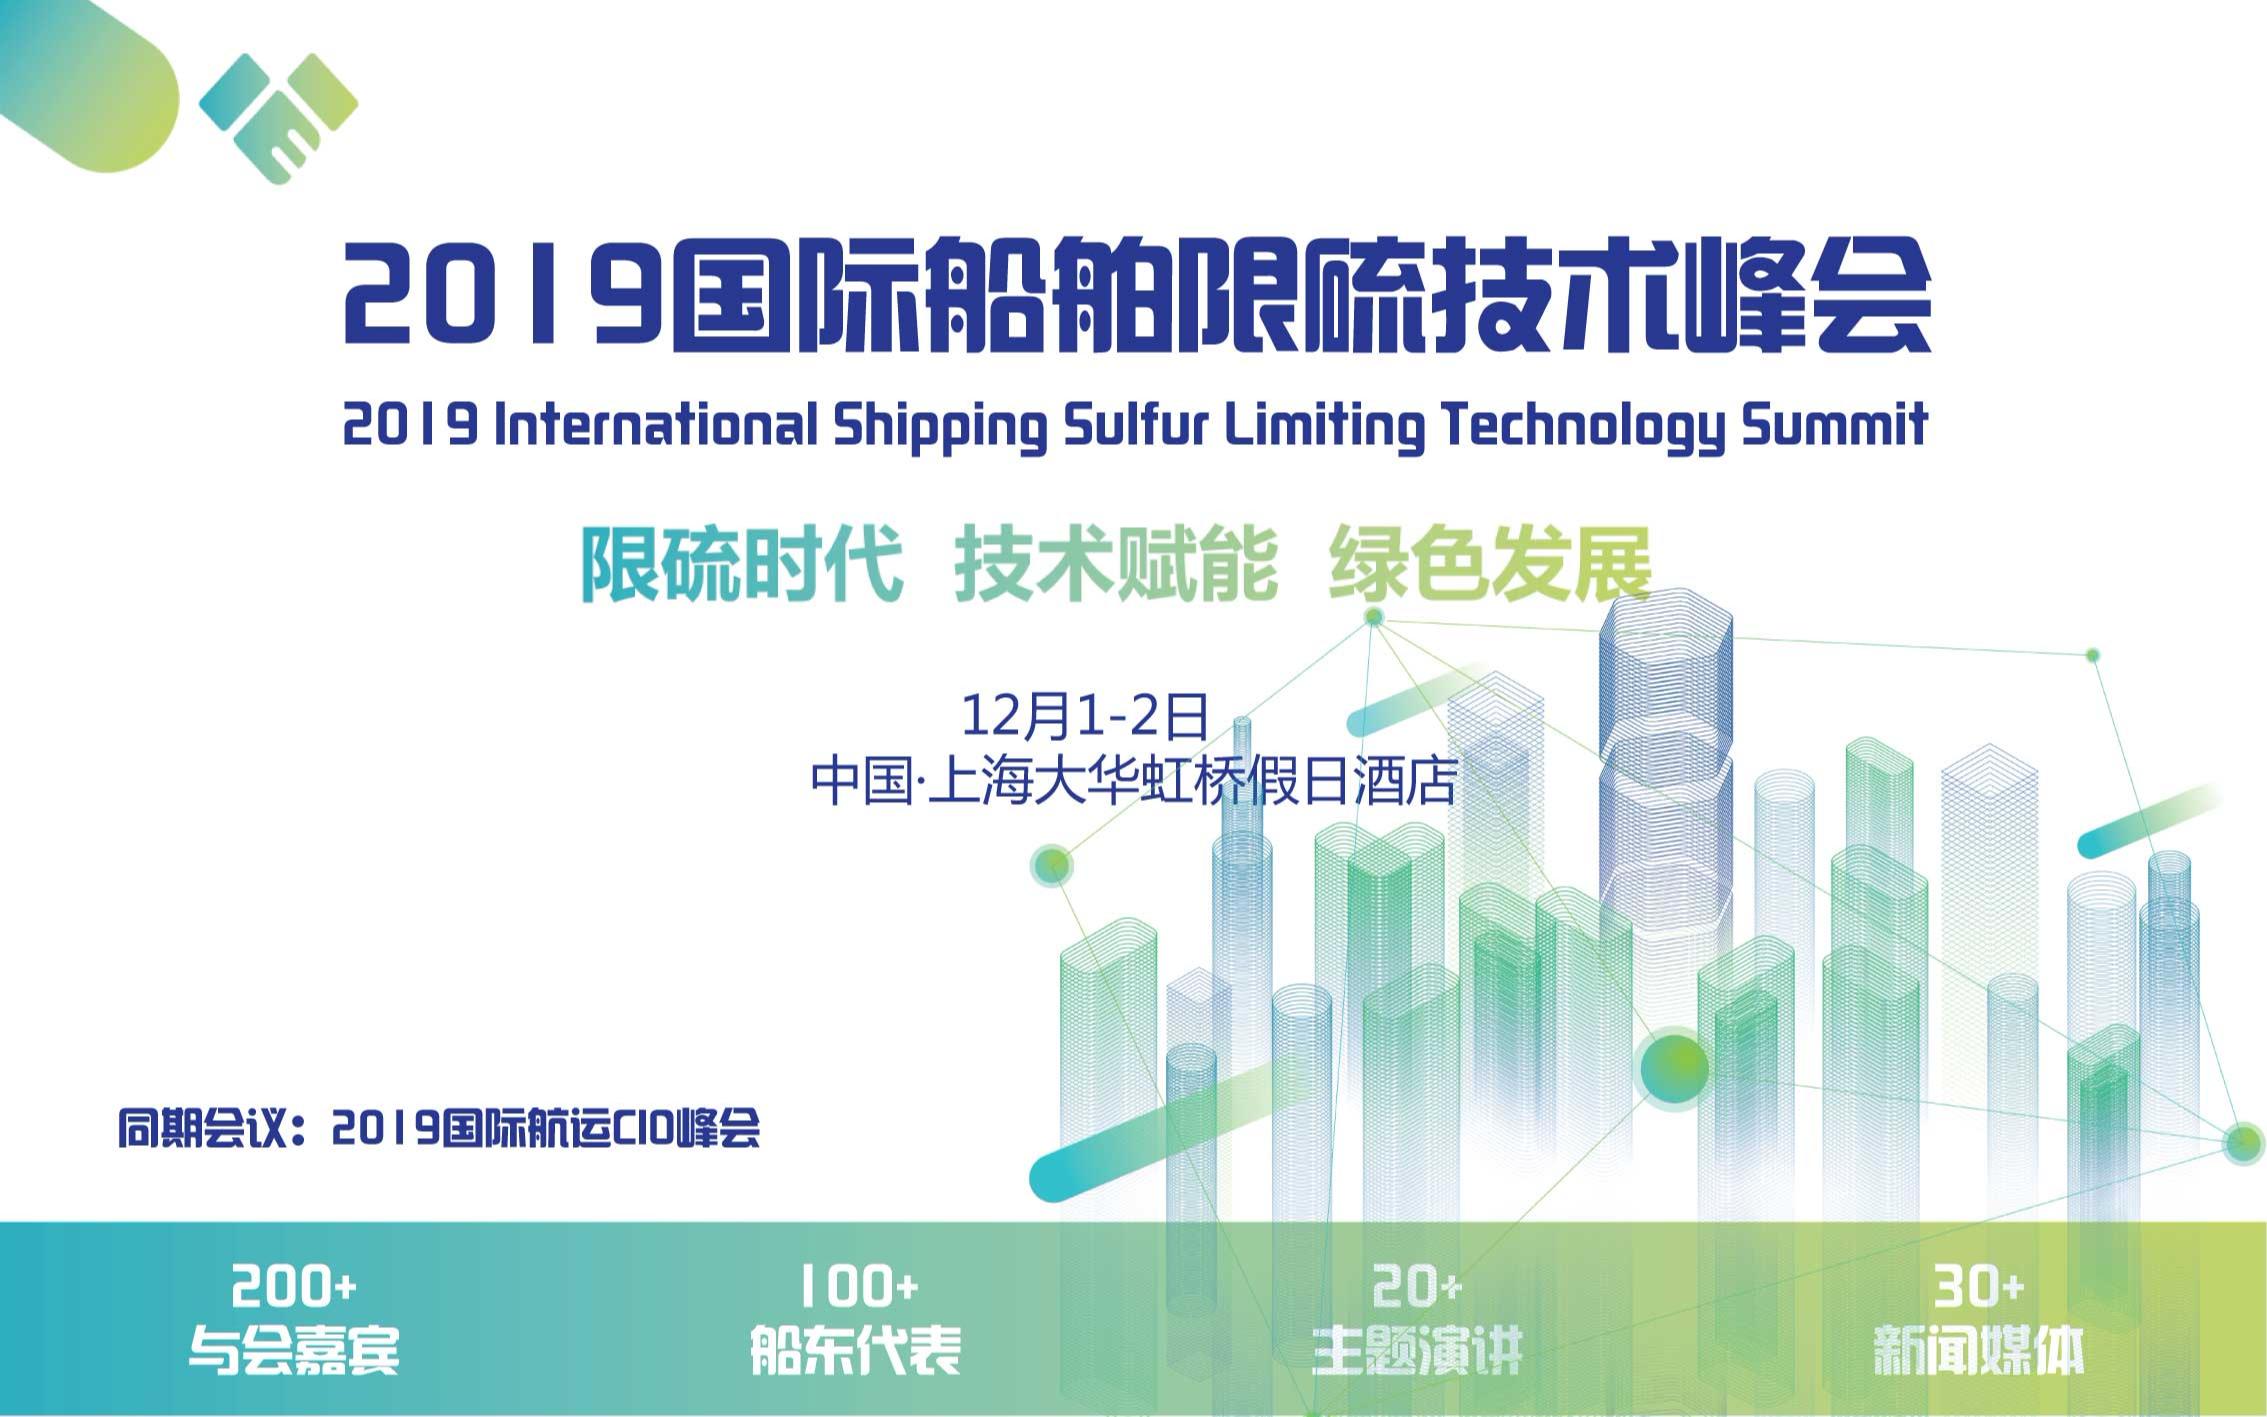 交通物流12月行业峰会将举行